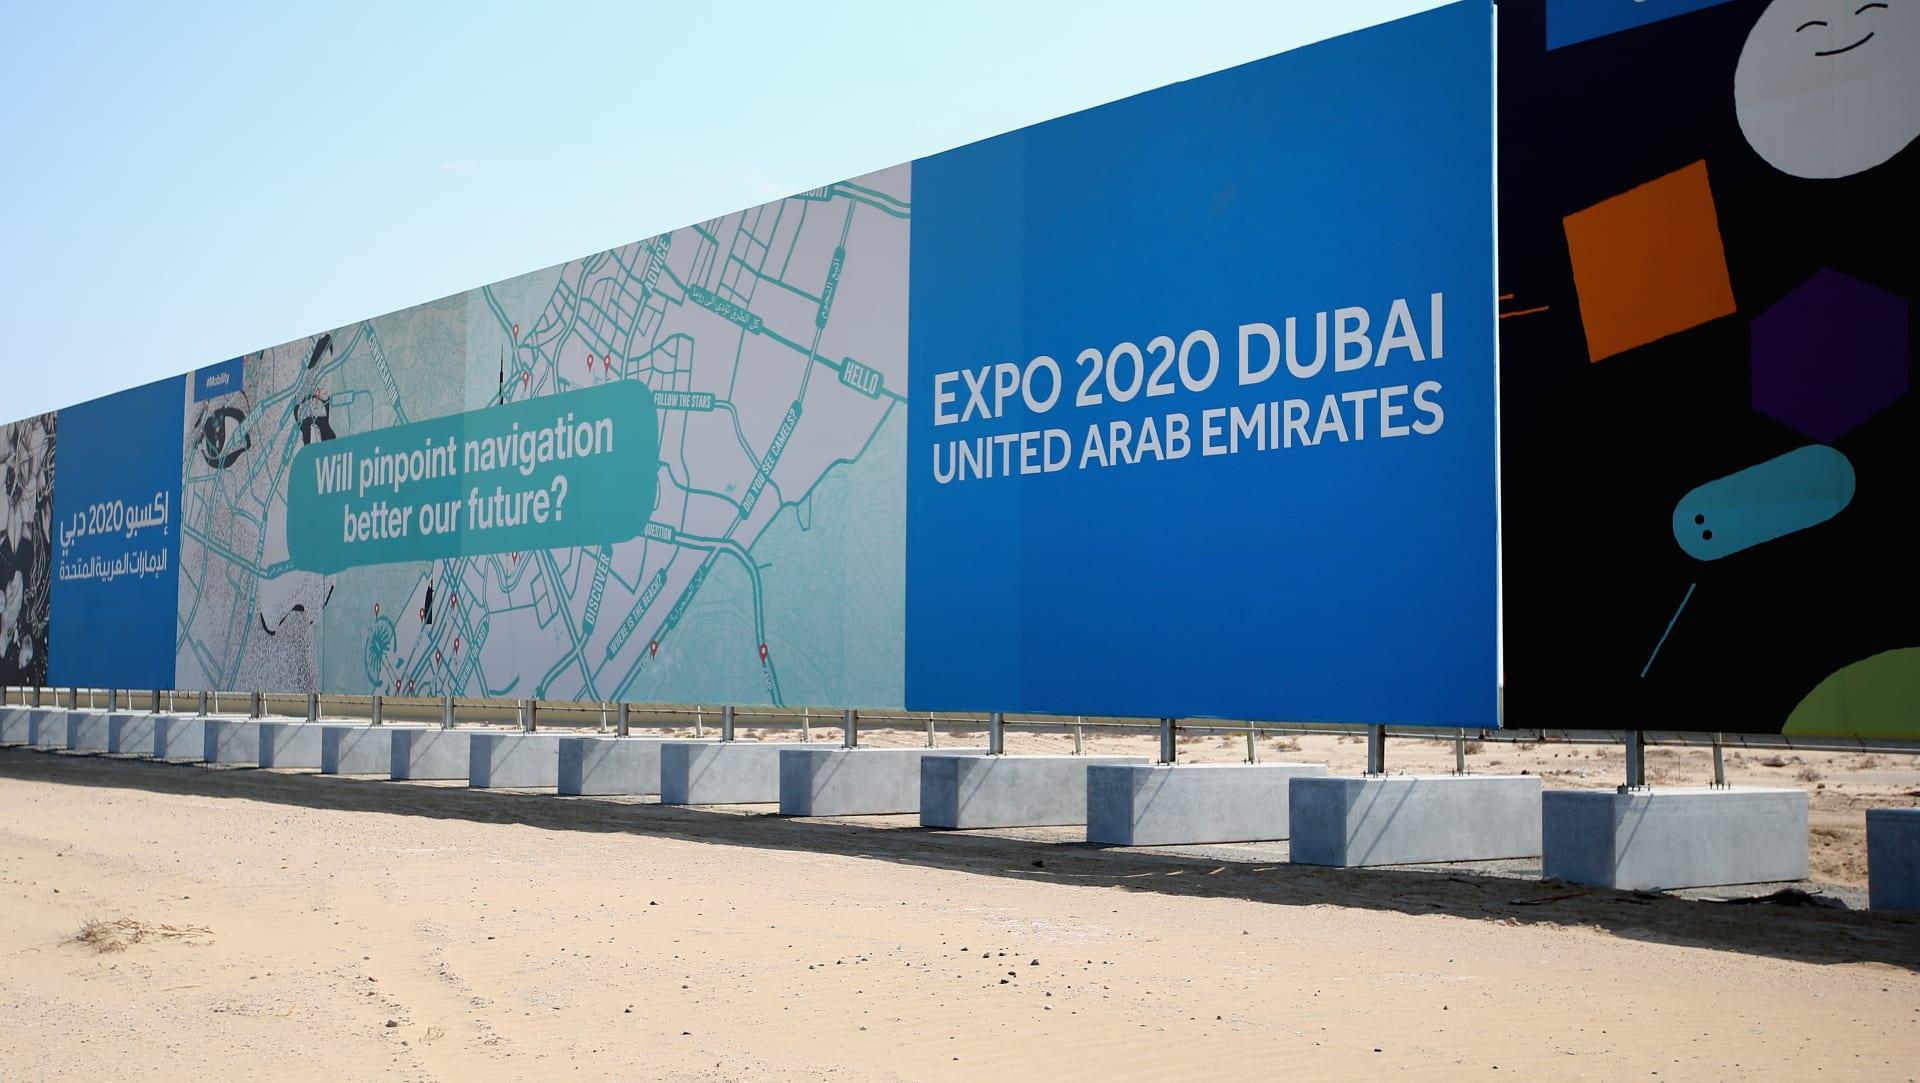 رسميًا.. تأجيل إكسبو 2020 دبي لمدة عام.. وتغيير مواعيد تنظيمه